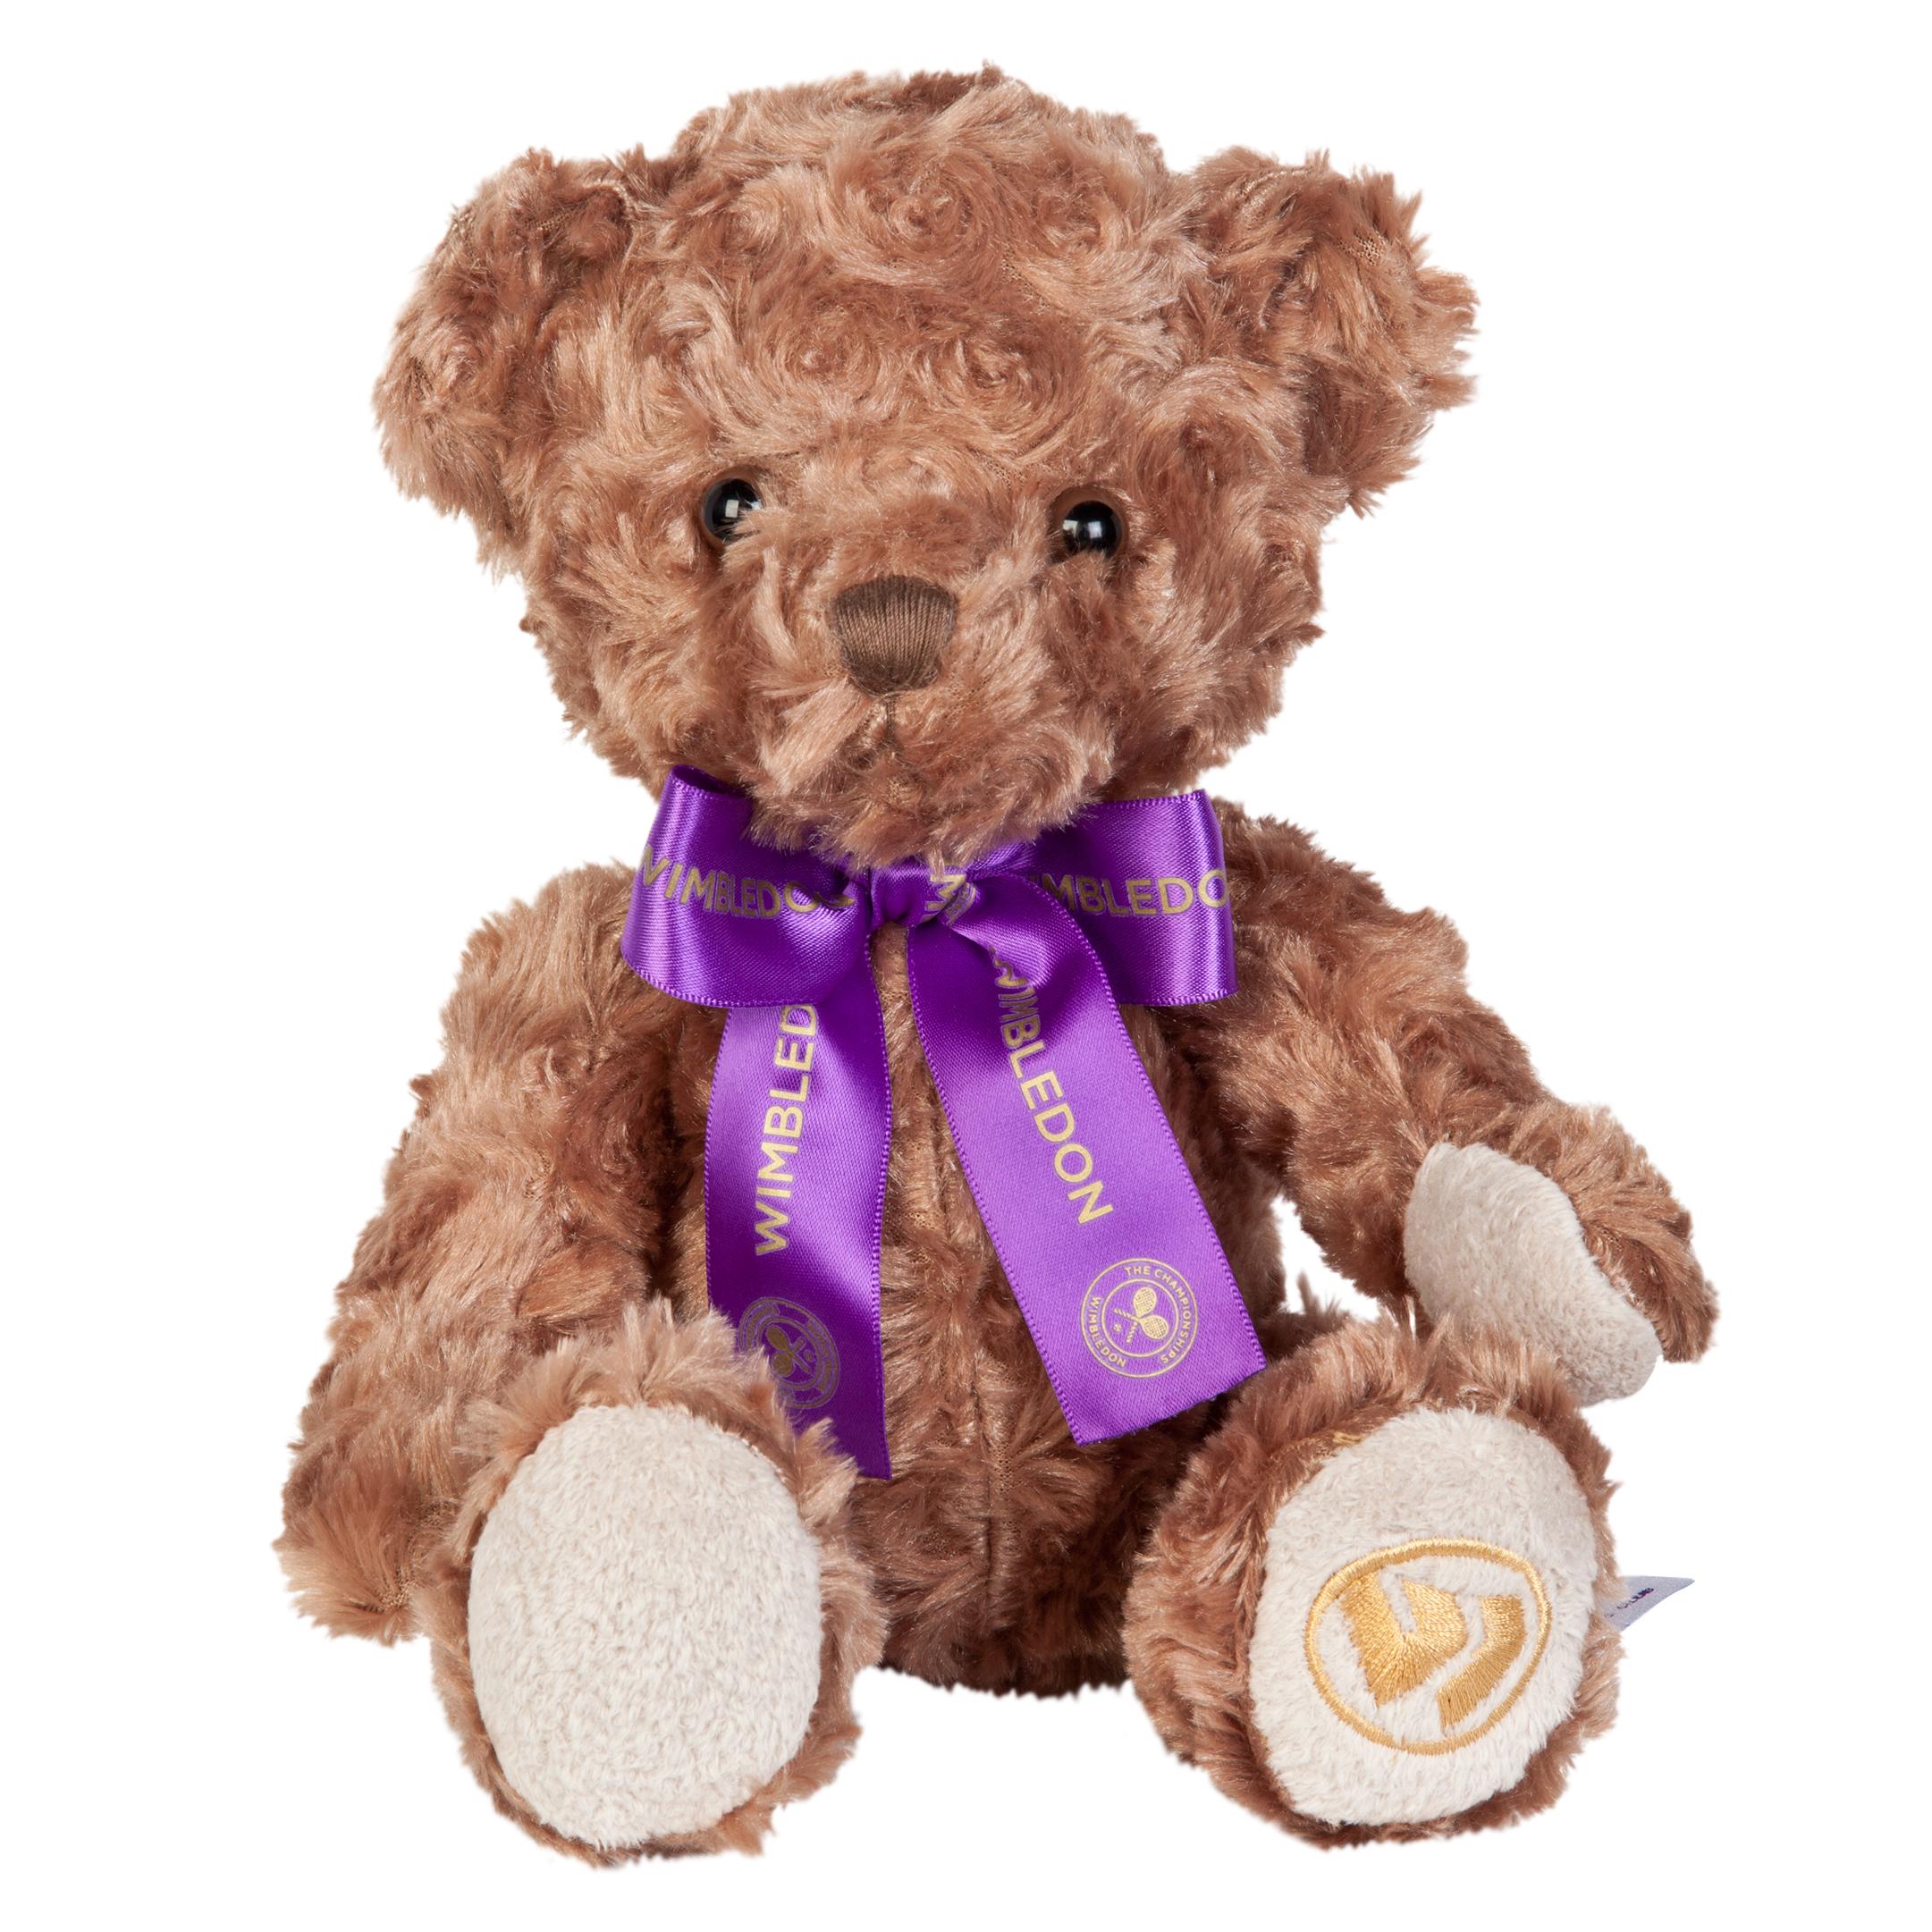 Wimbledon Bear